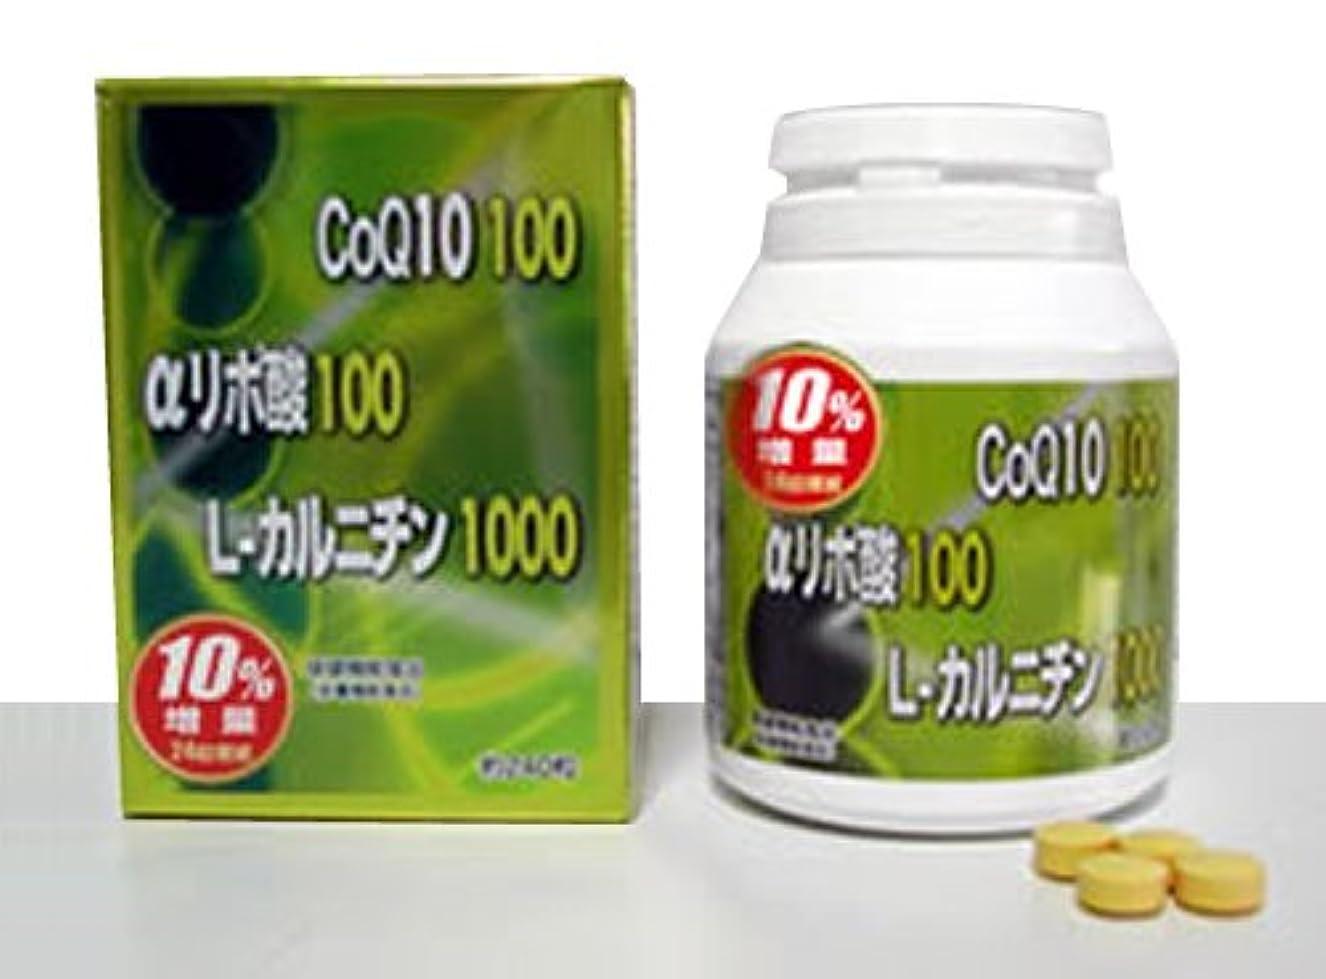 ポインタ有利羊の10%増量 CoQ10 100?αリポ酸 100?L-カルニチン 1000